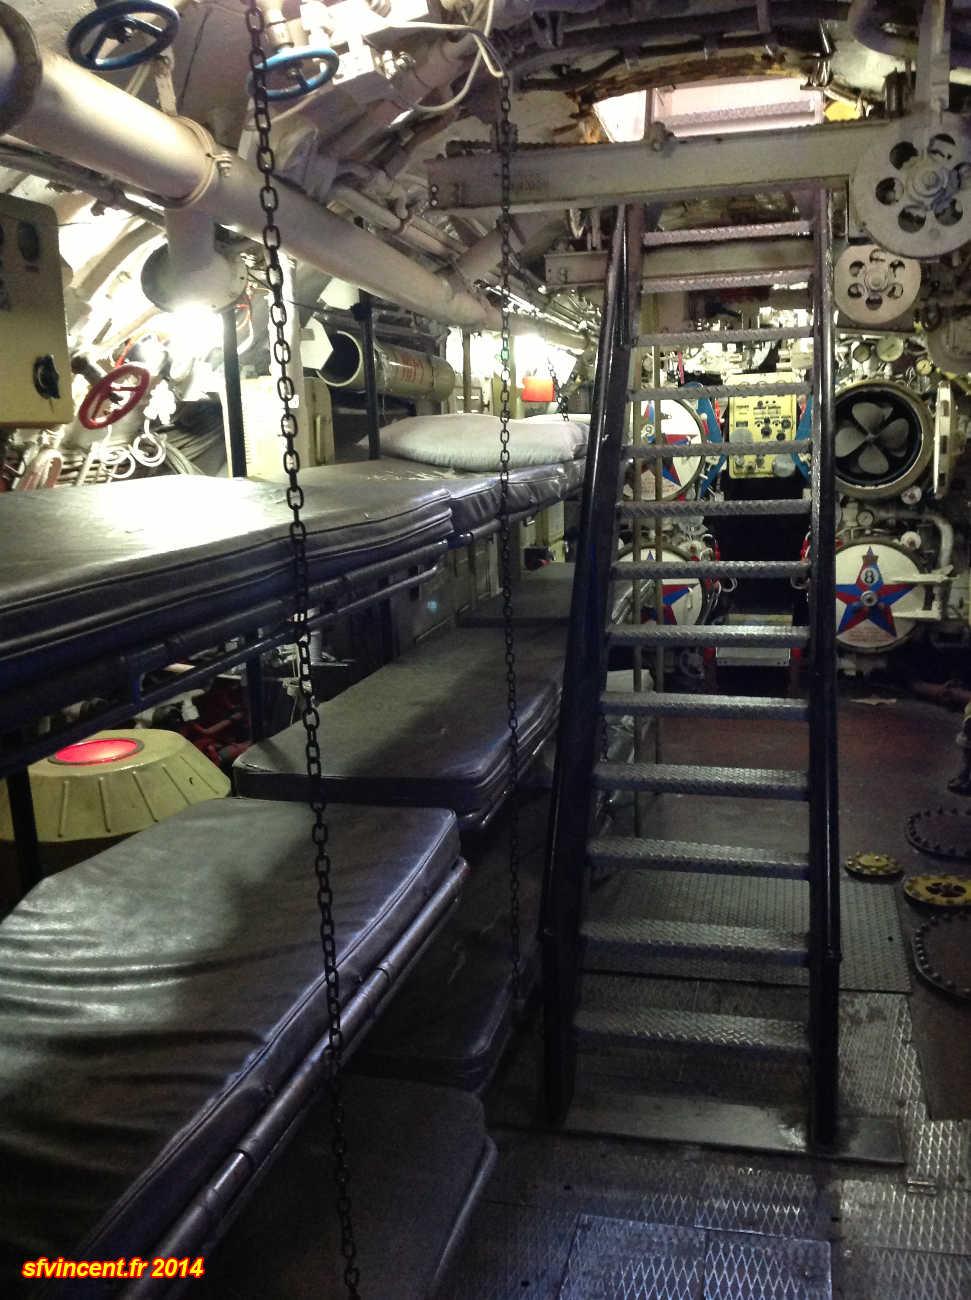 Interieur sous marin int rieur du sous marin espadon for Interieur sous marin